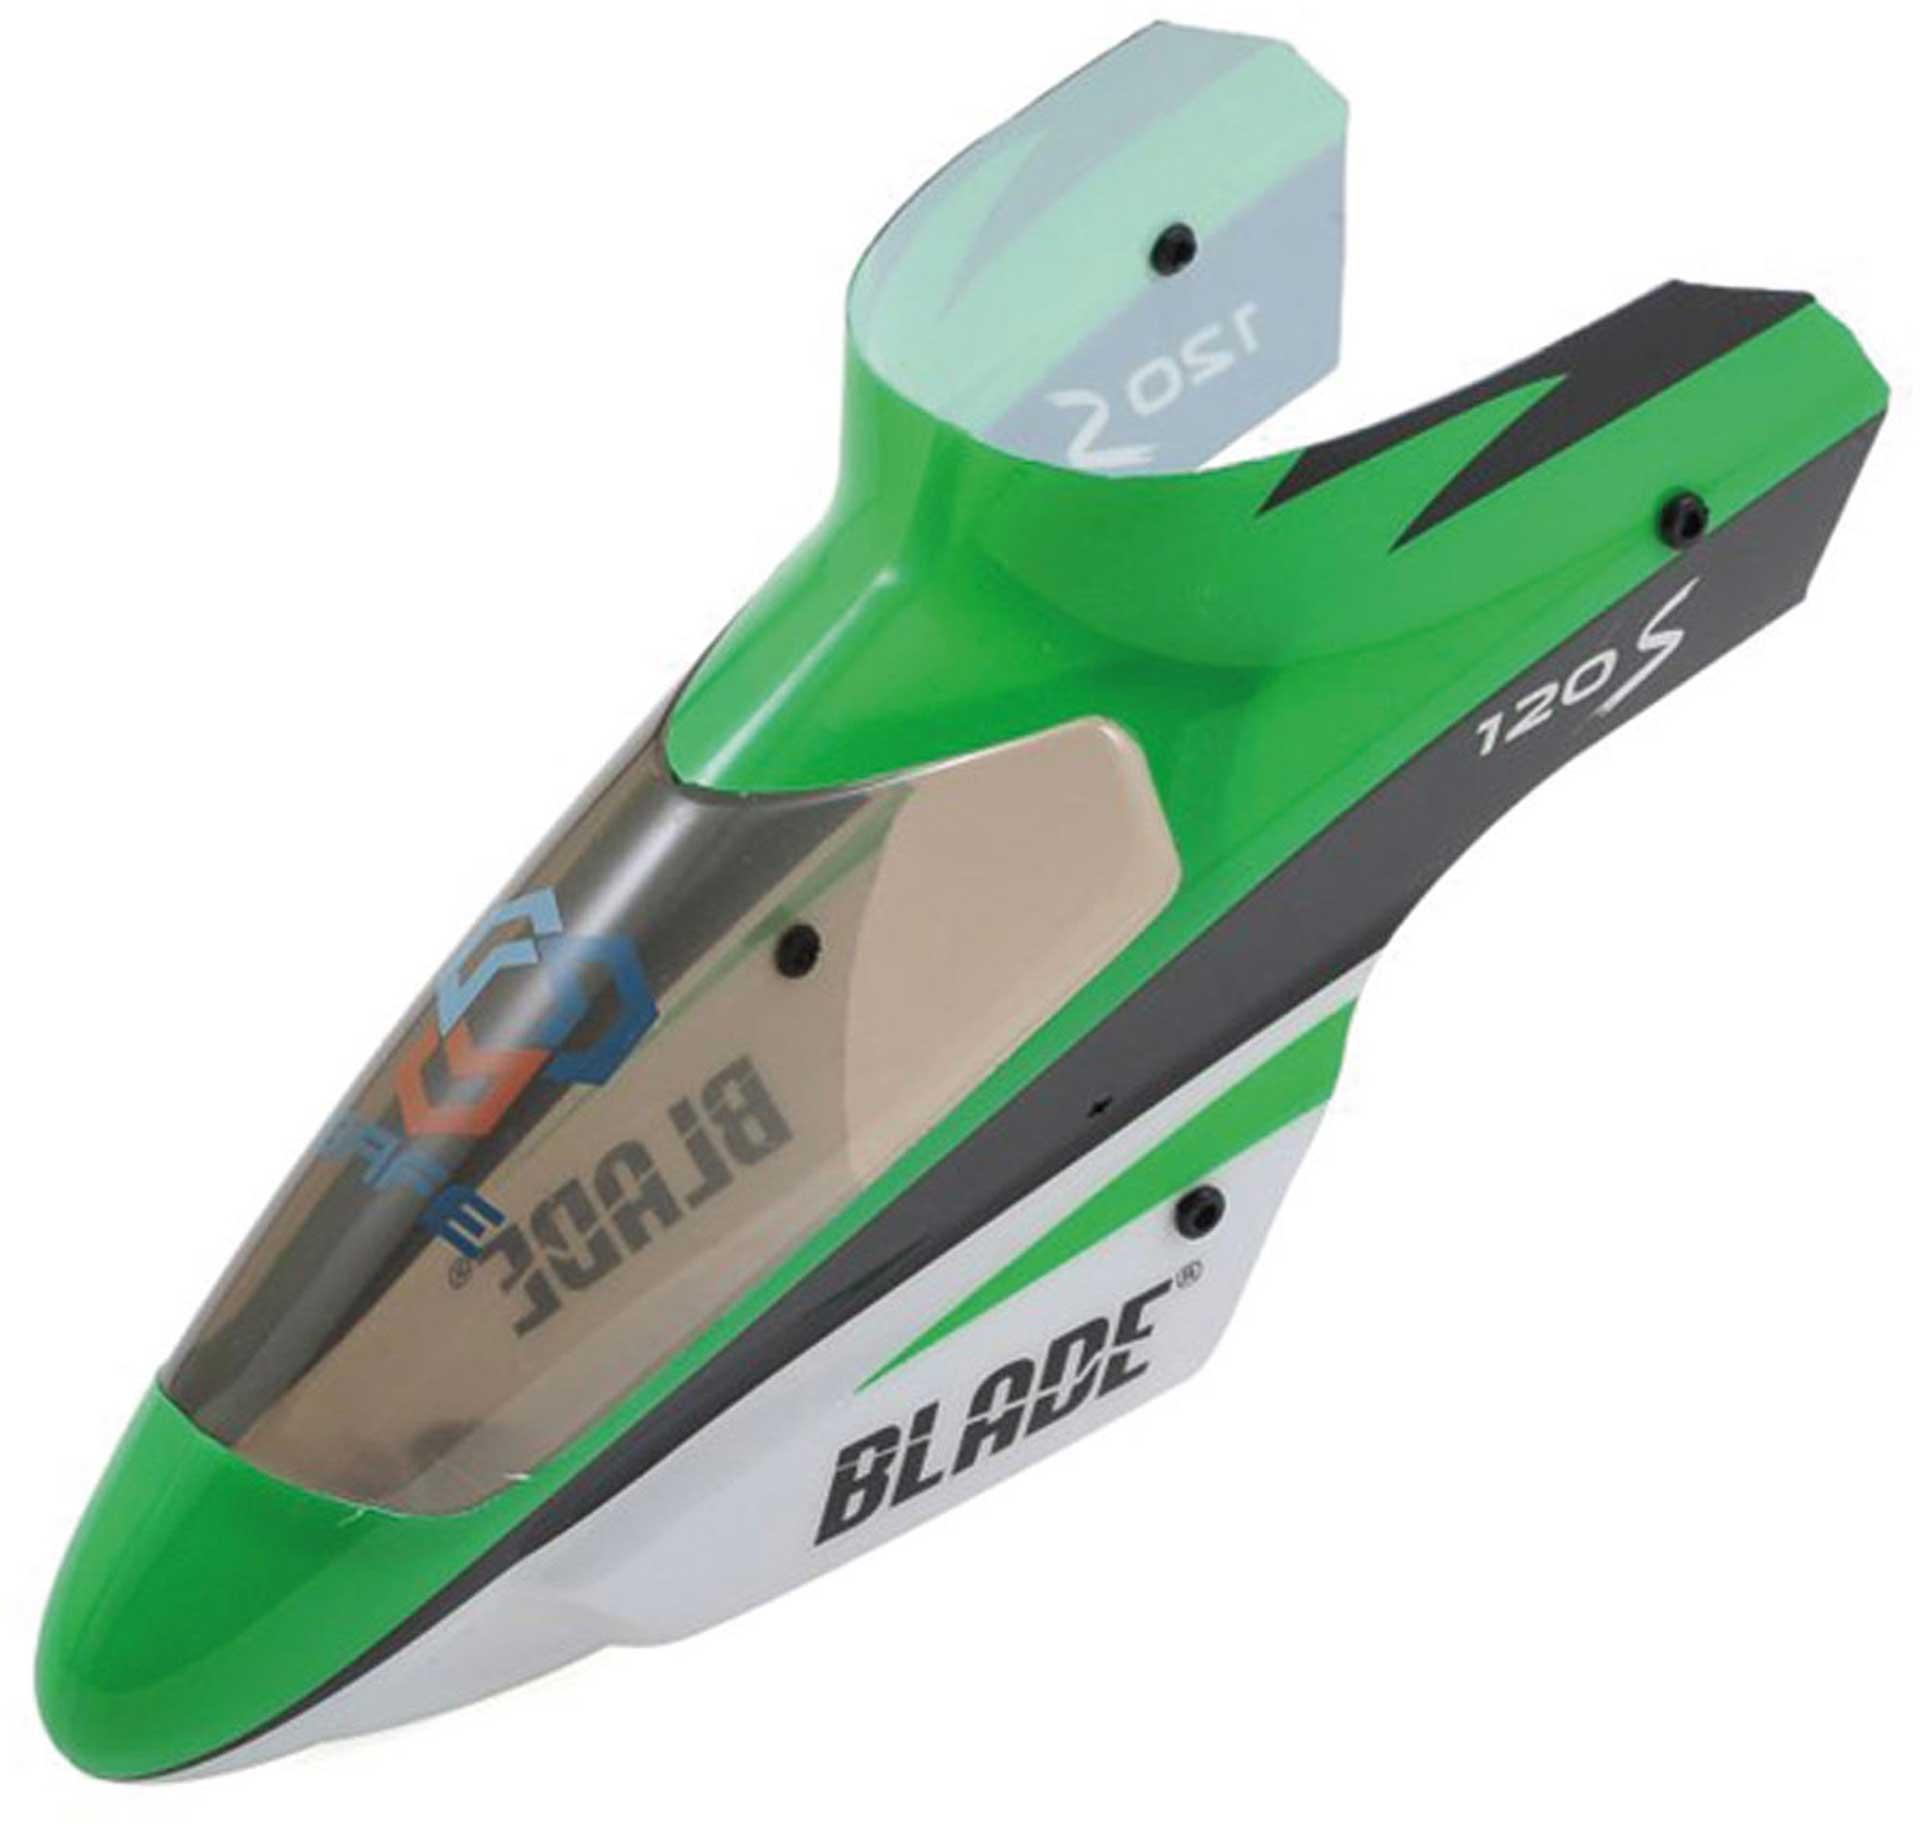 BLADE (E-FLITE) KABINENHAUBE BLADE 120 S